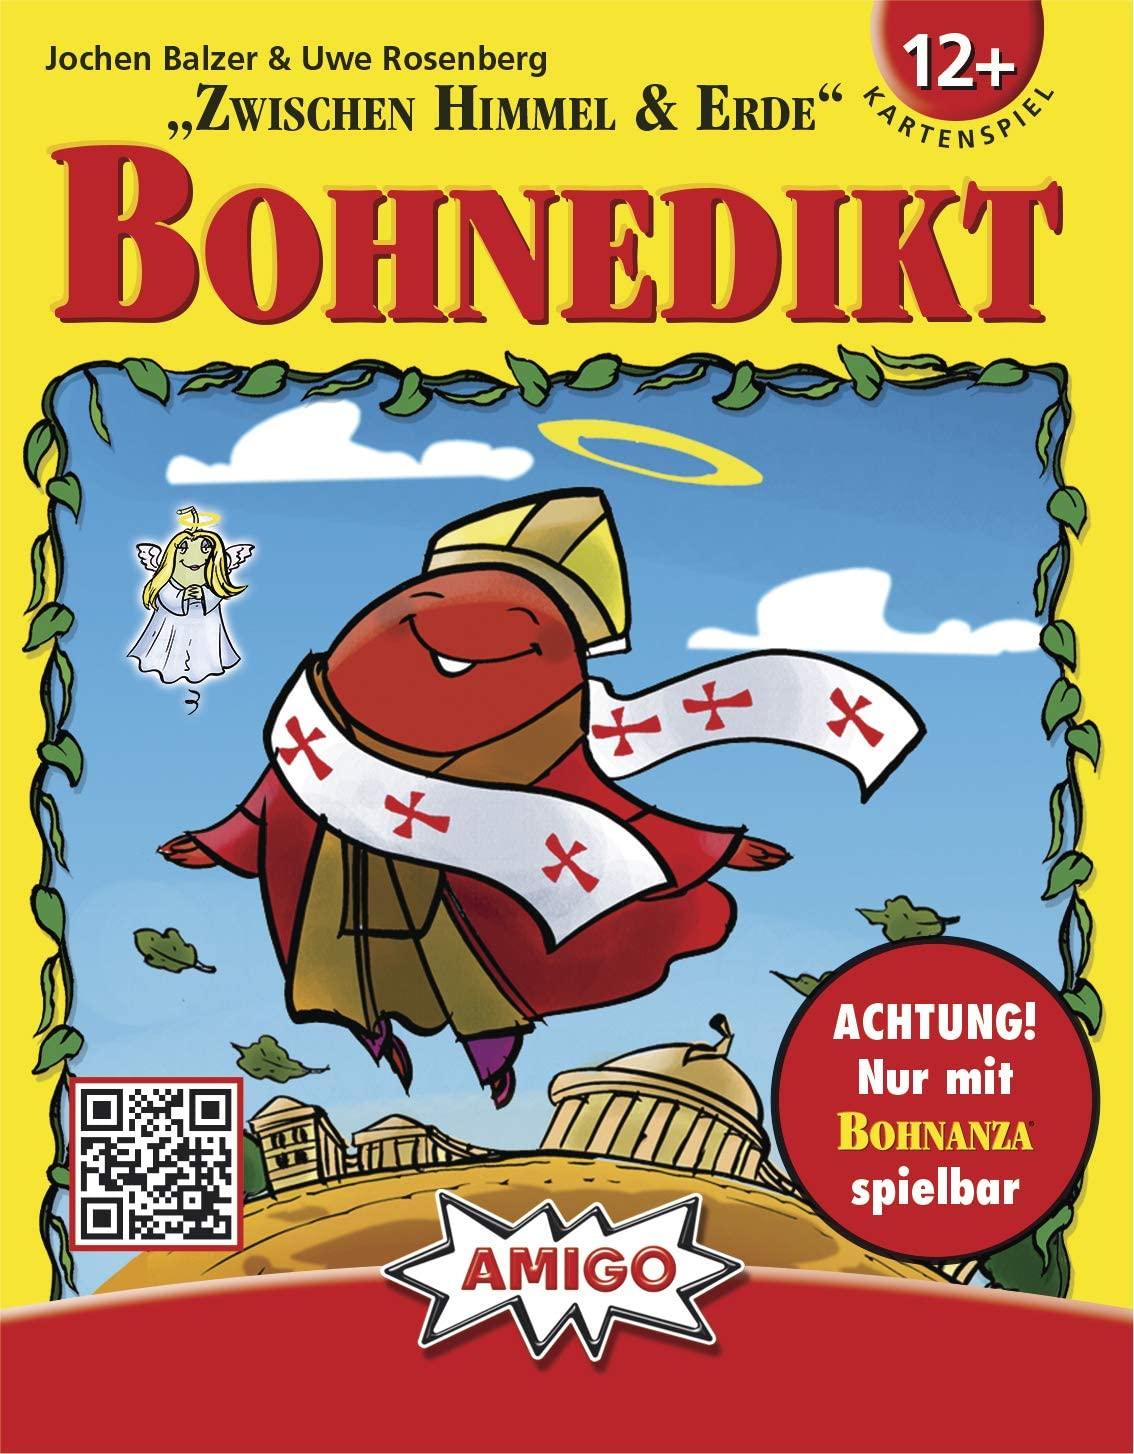 Amigo - Bohnedikt, Bohnanza-Erweiterung, Kartensspiel für 5€ (Amazon Prime & Galeria Kaufhof Abholung)